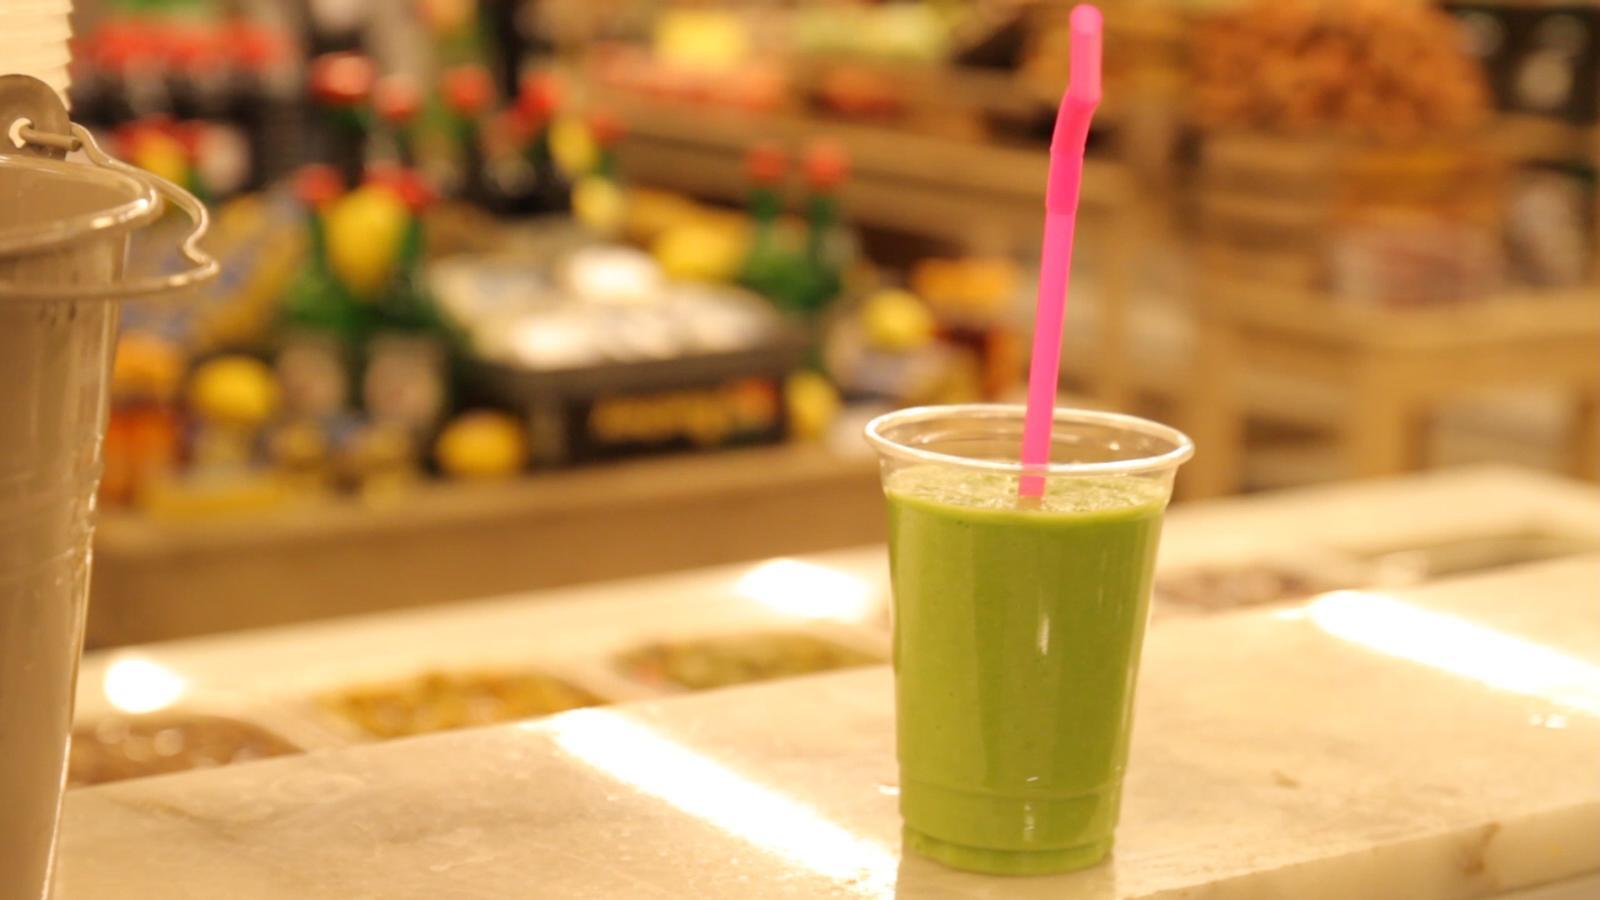 Abans de beure sucs verds, mira aquest vídeo